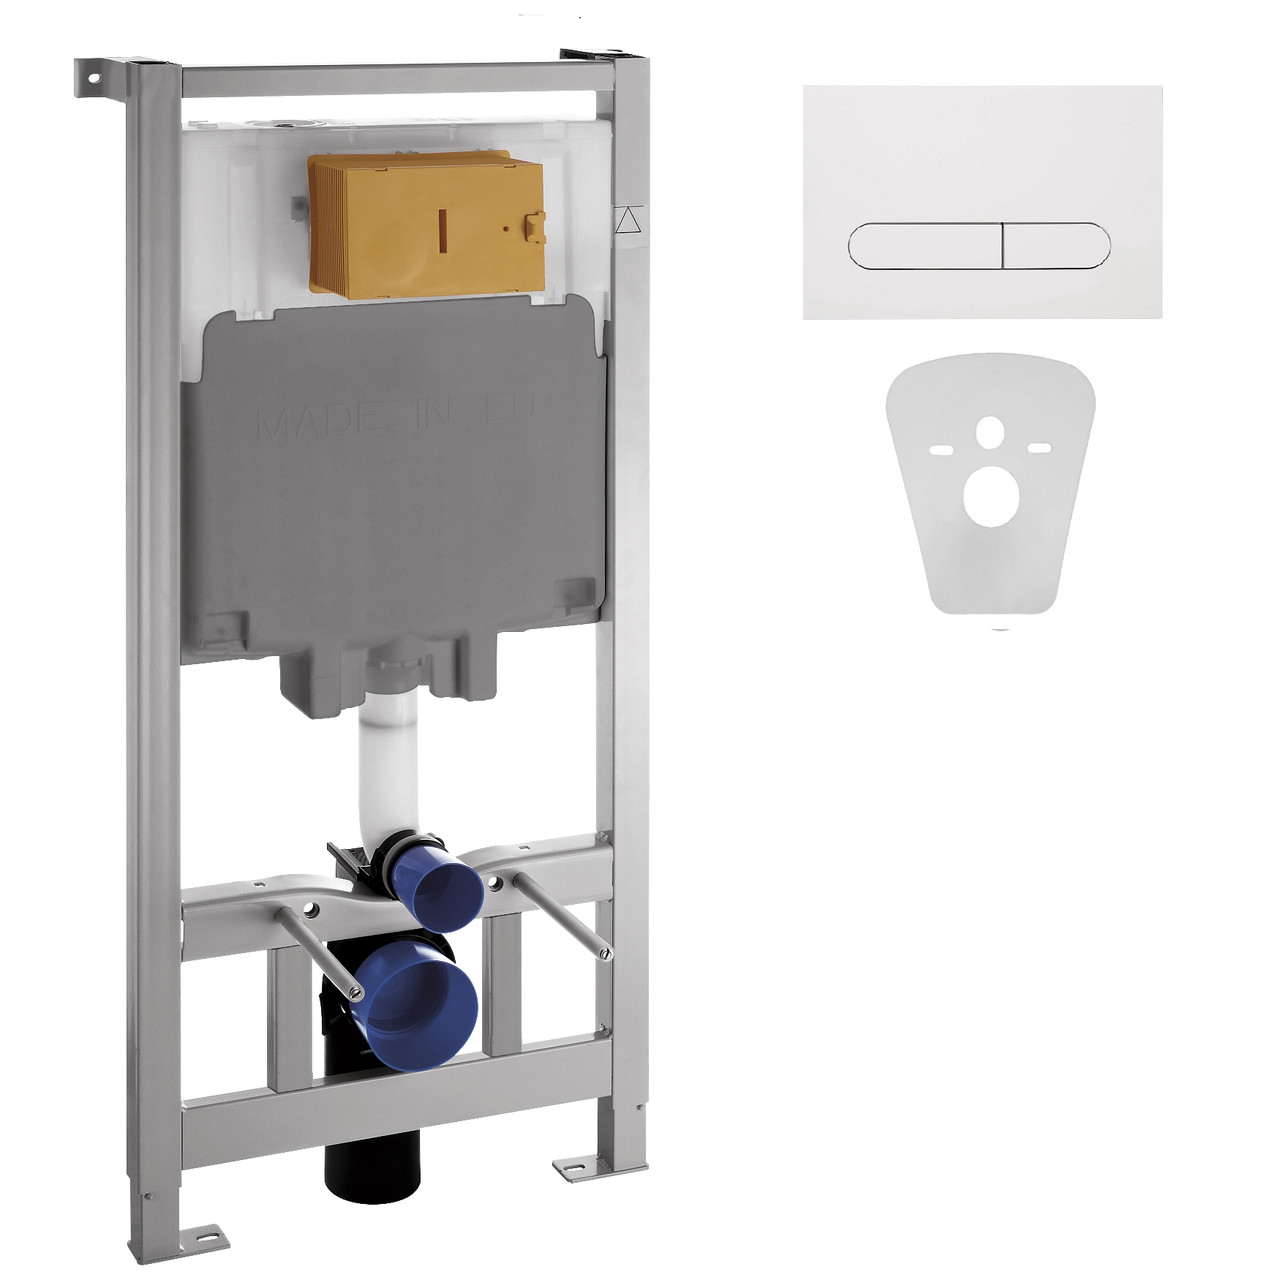 Инсталяция для подвесных унитазов VOLLE MASTER 4в1 c белой клавишей